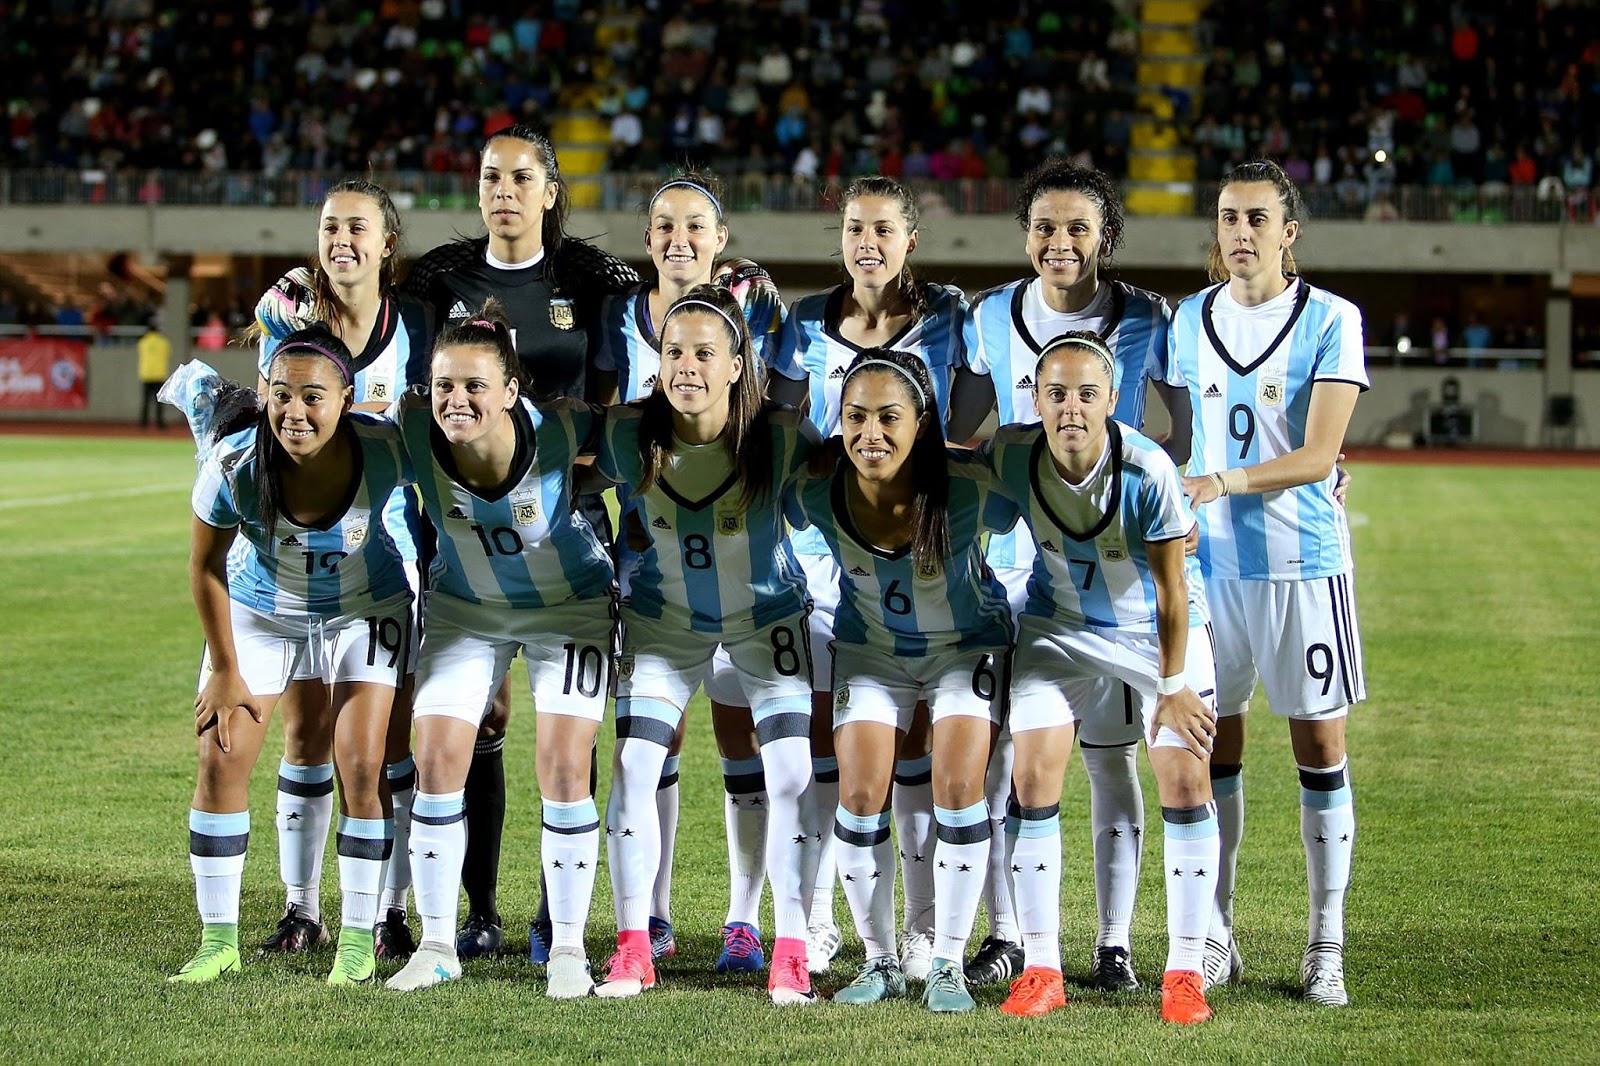 Formación de selección femenina de Argentina ante Chile, amistoso disputado el 24 de octubre de 2017